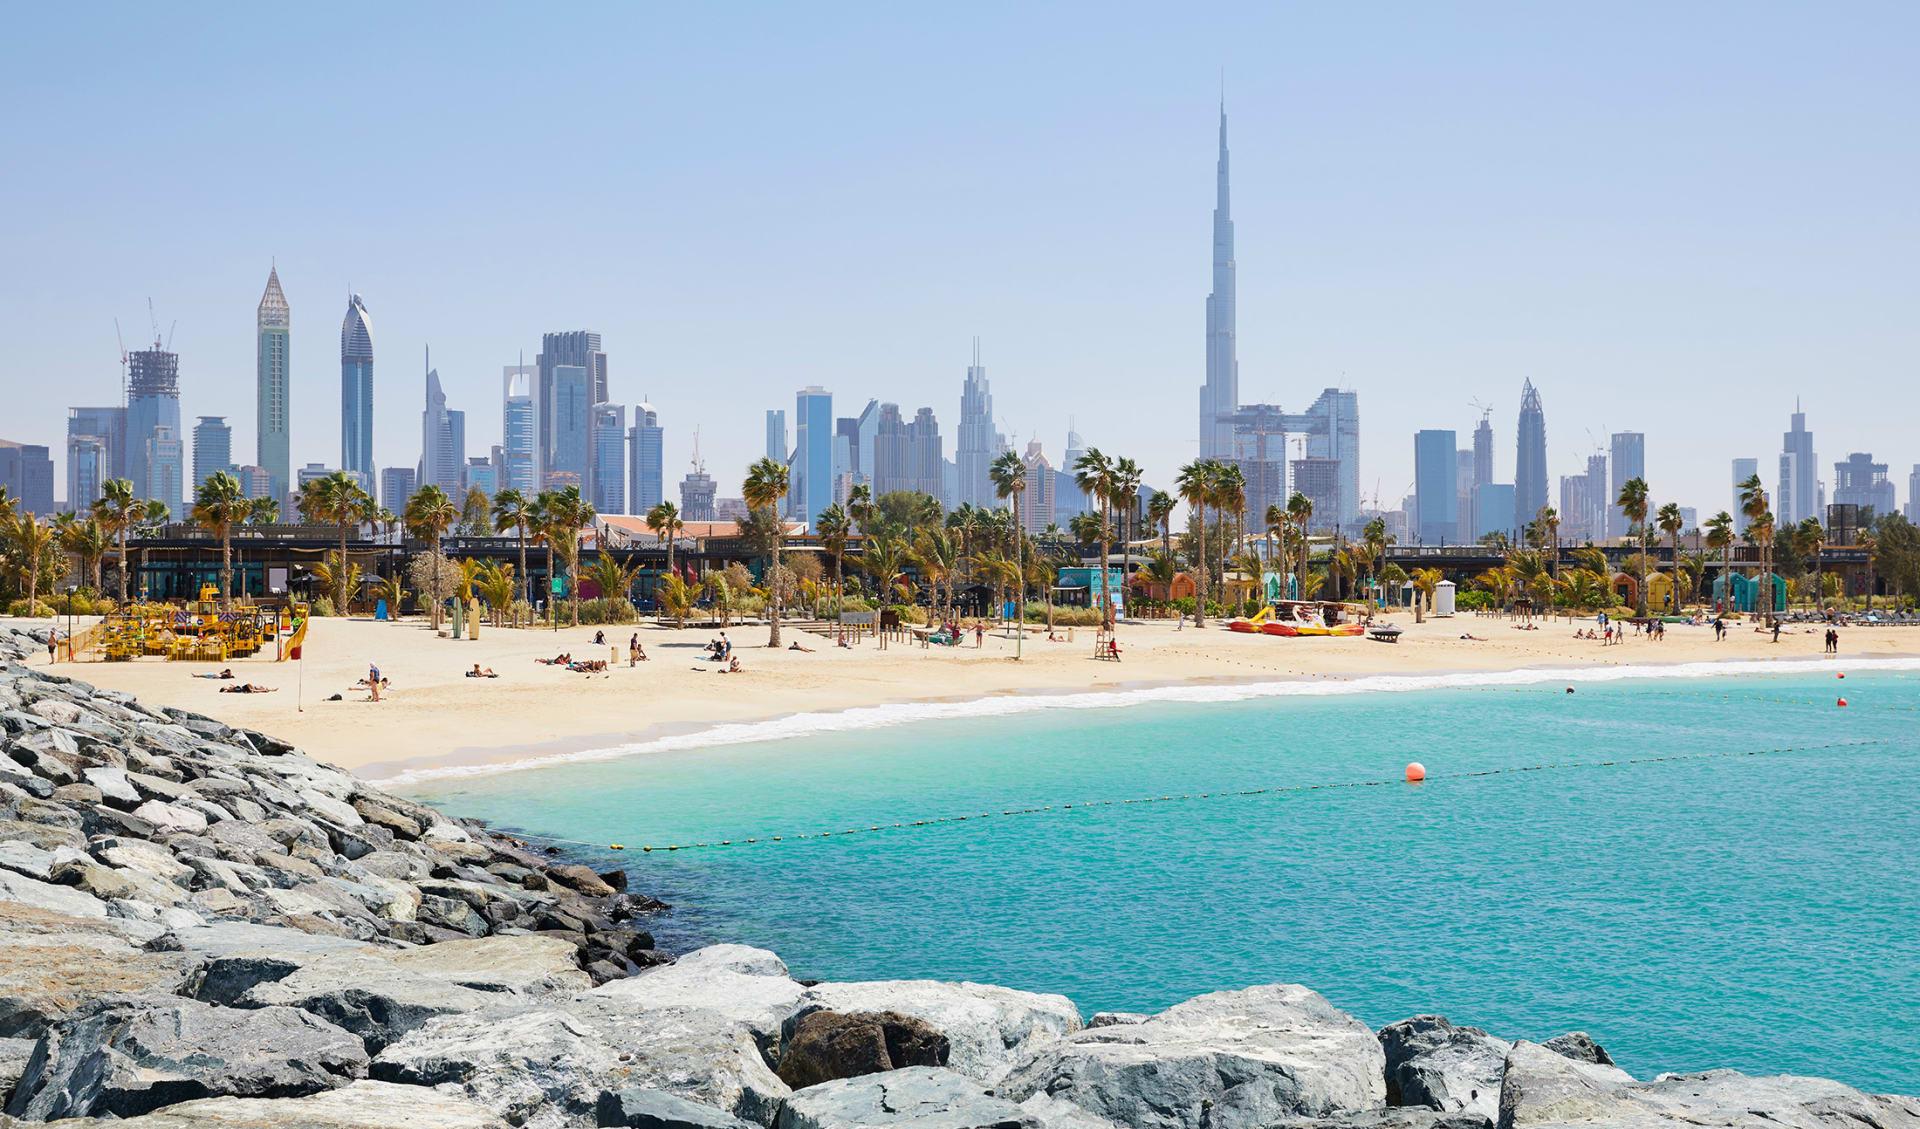 La Mer Strand, Dubai